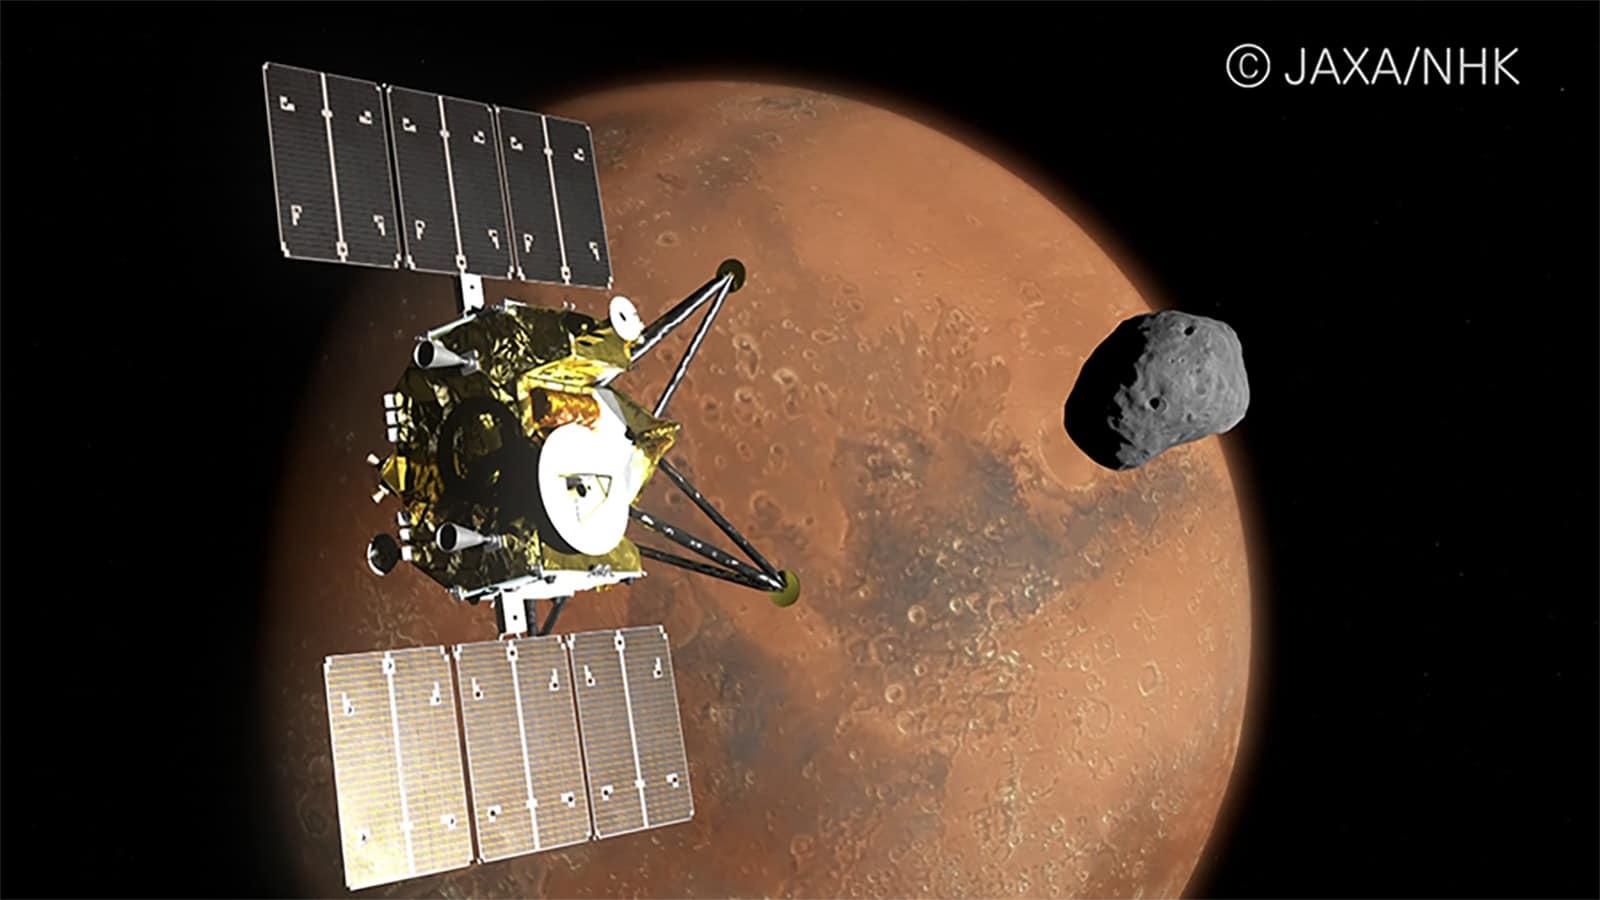 Japan će poslati 8K kameru na Mars i njegove mjesece